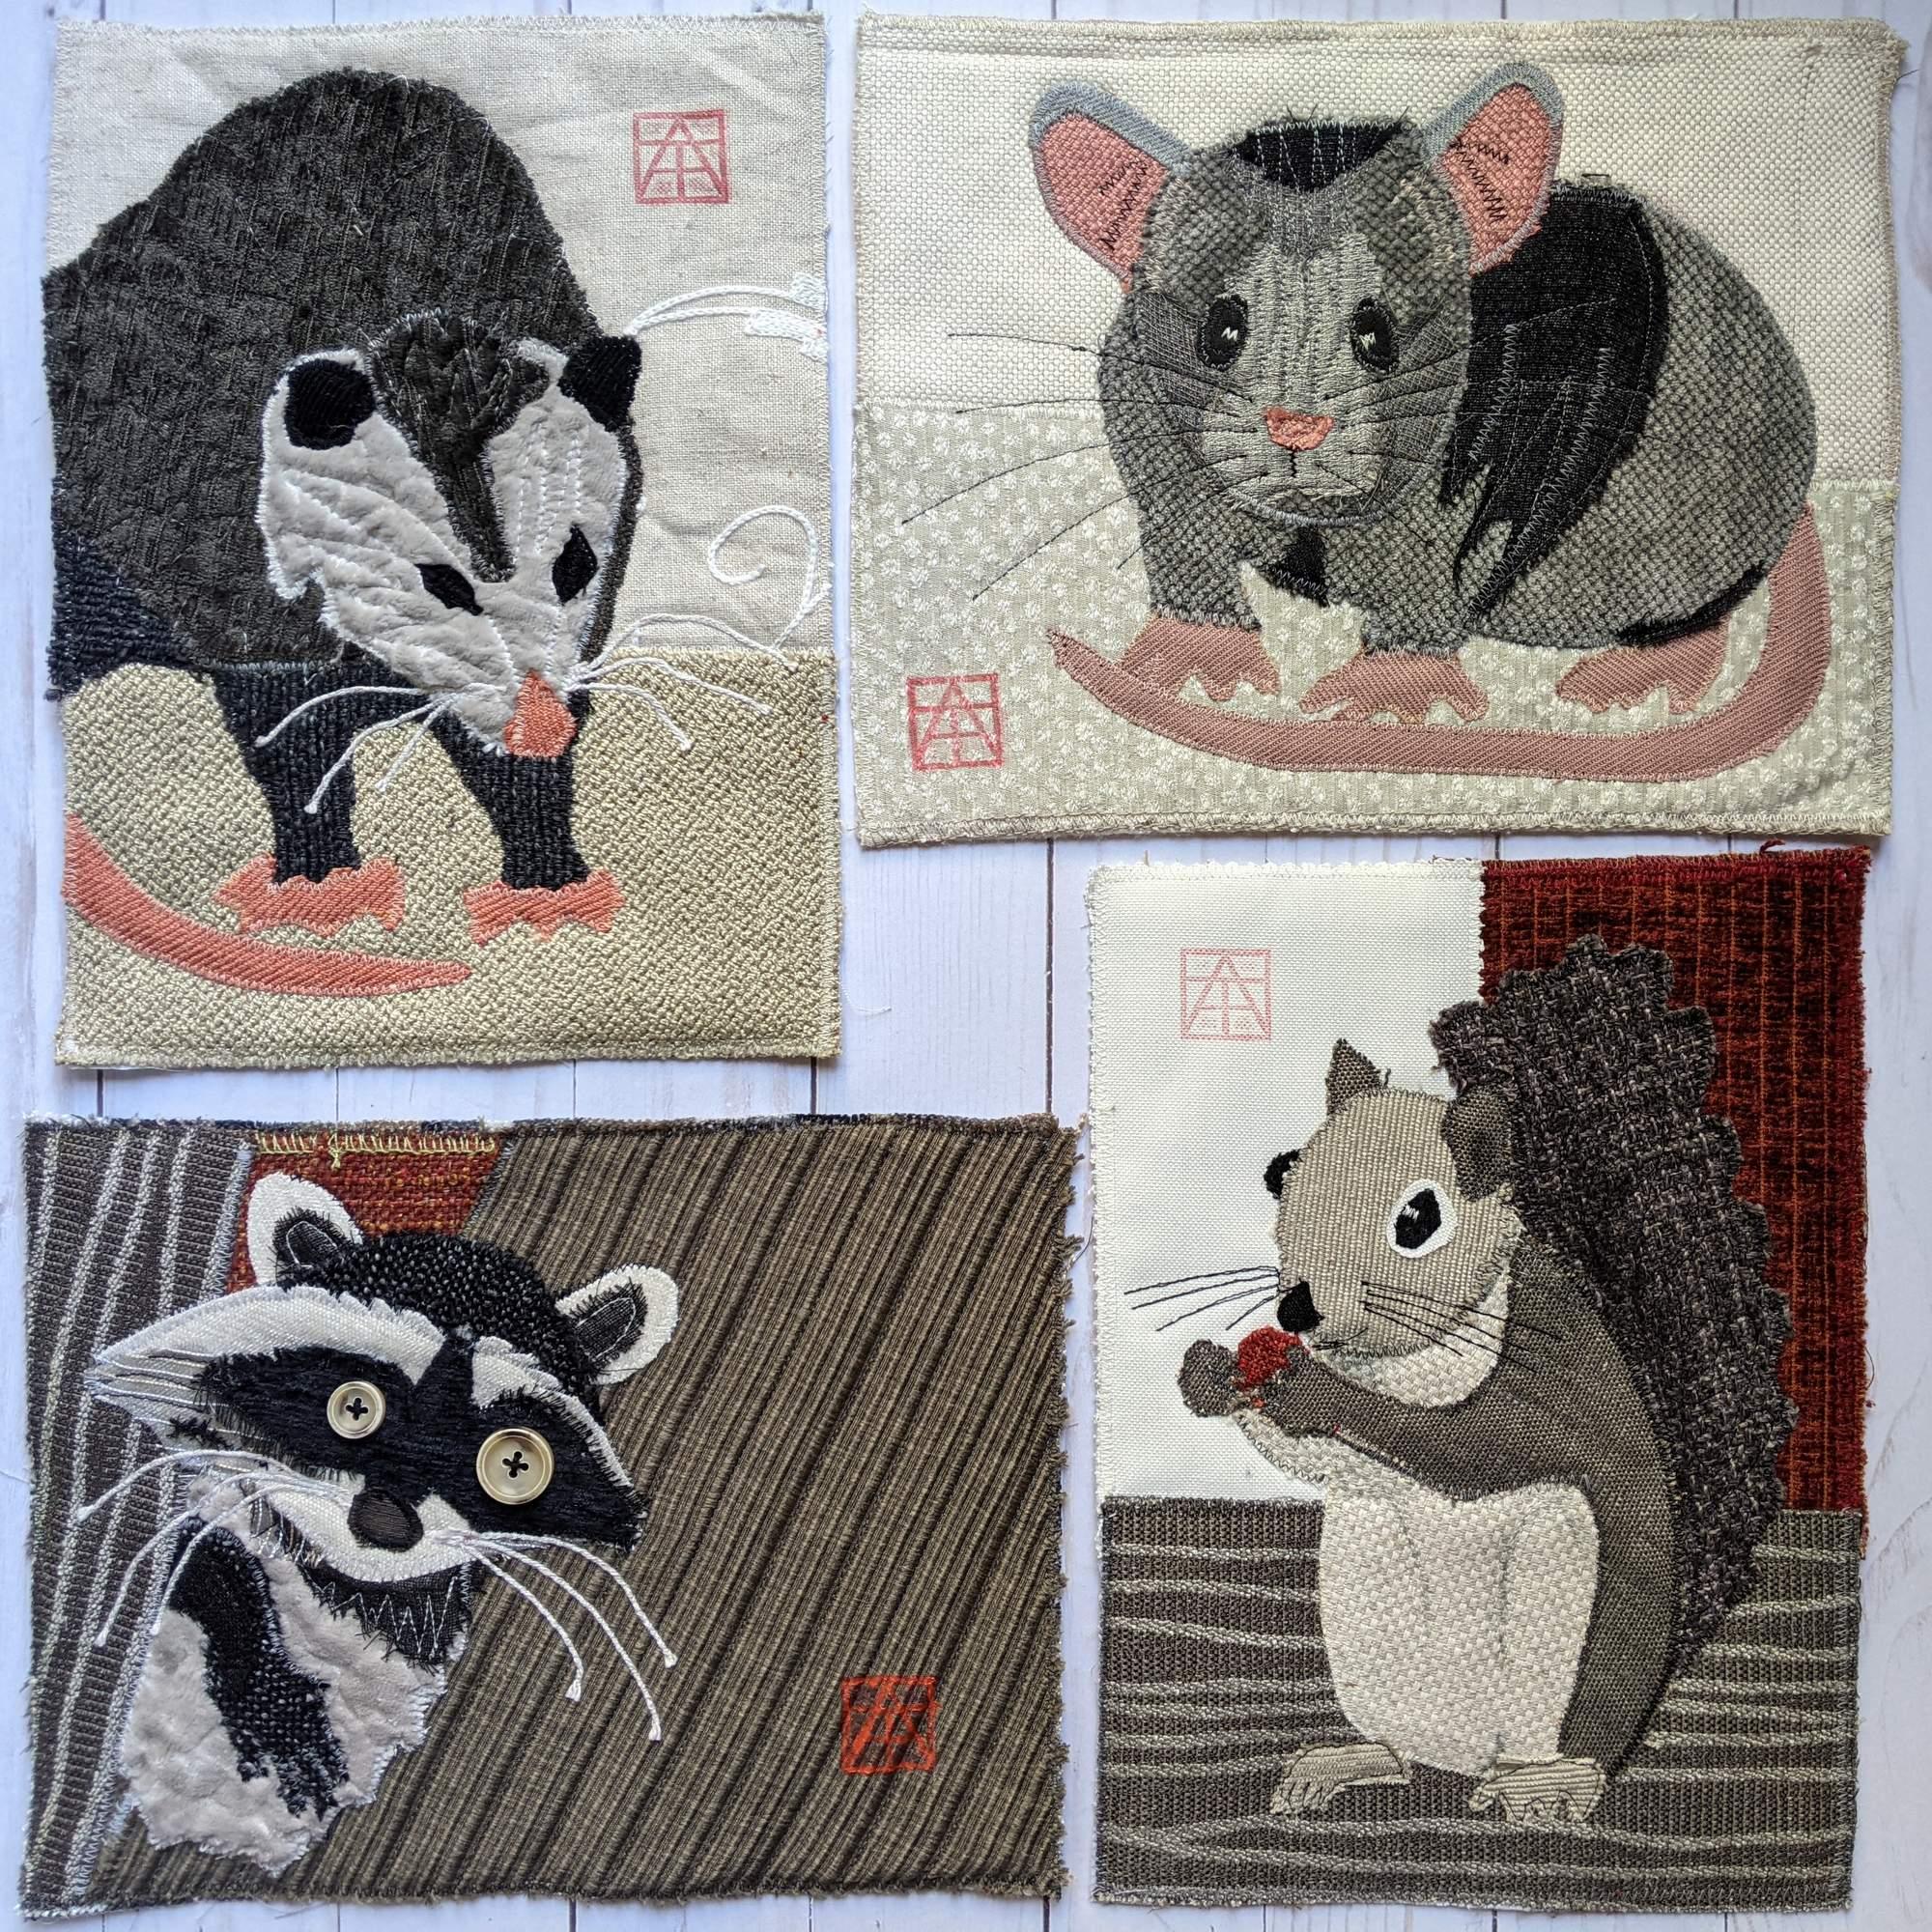 Backyard Critters quilt series